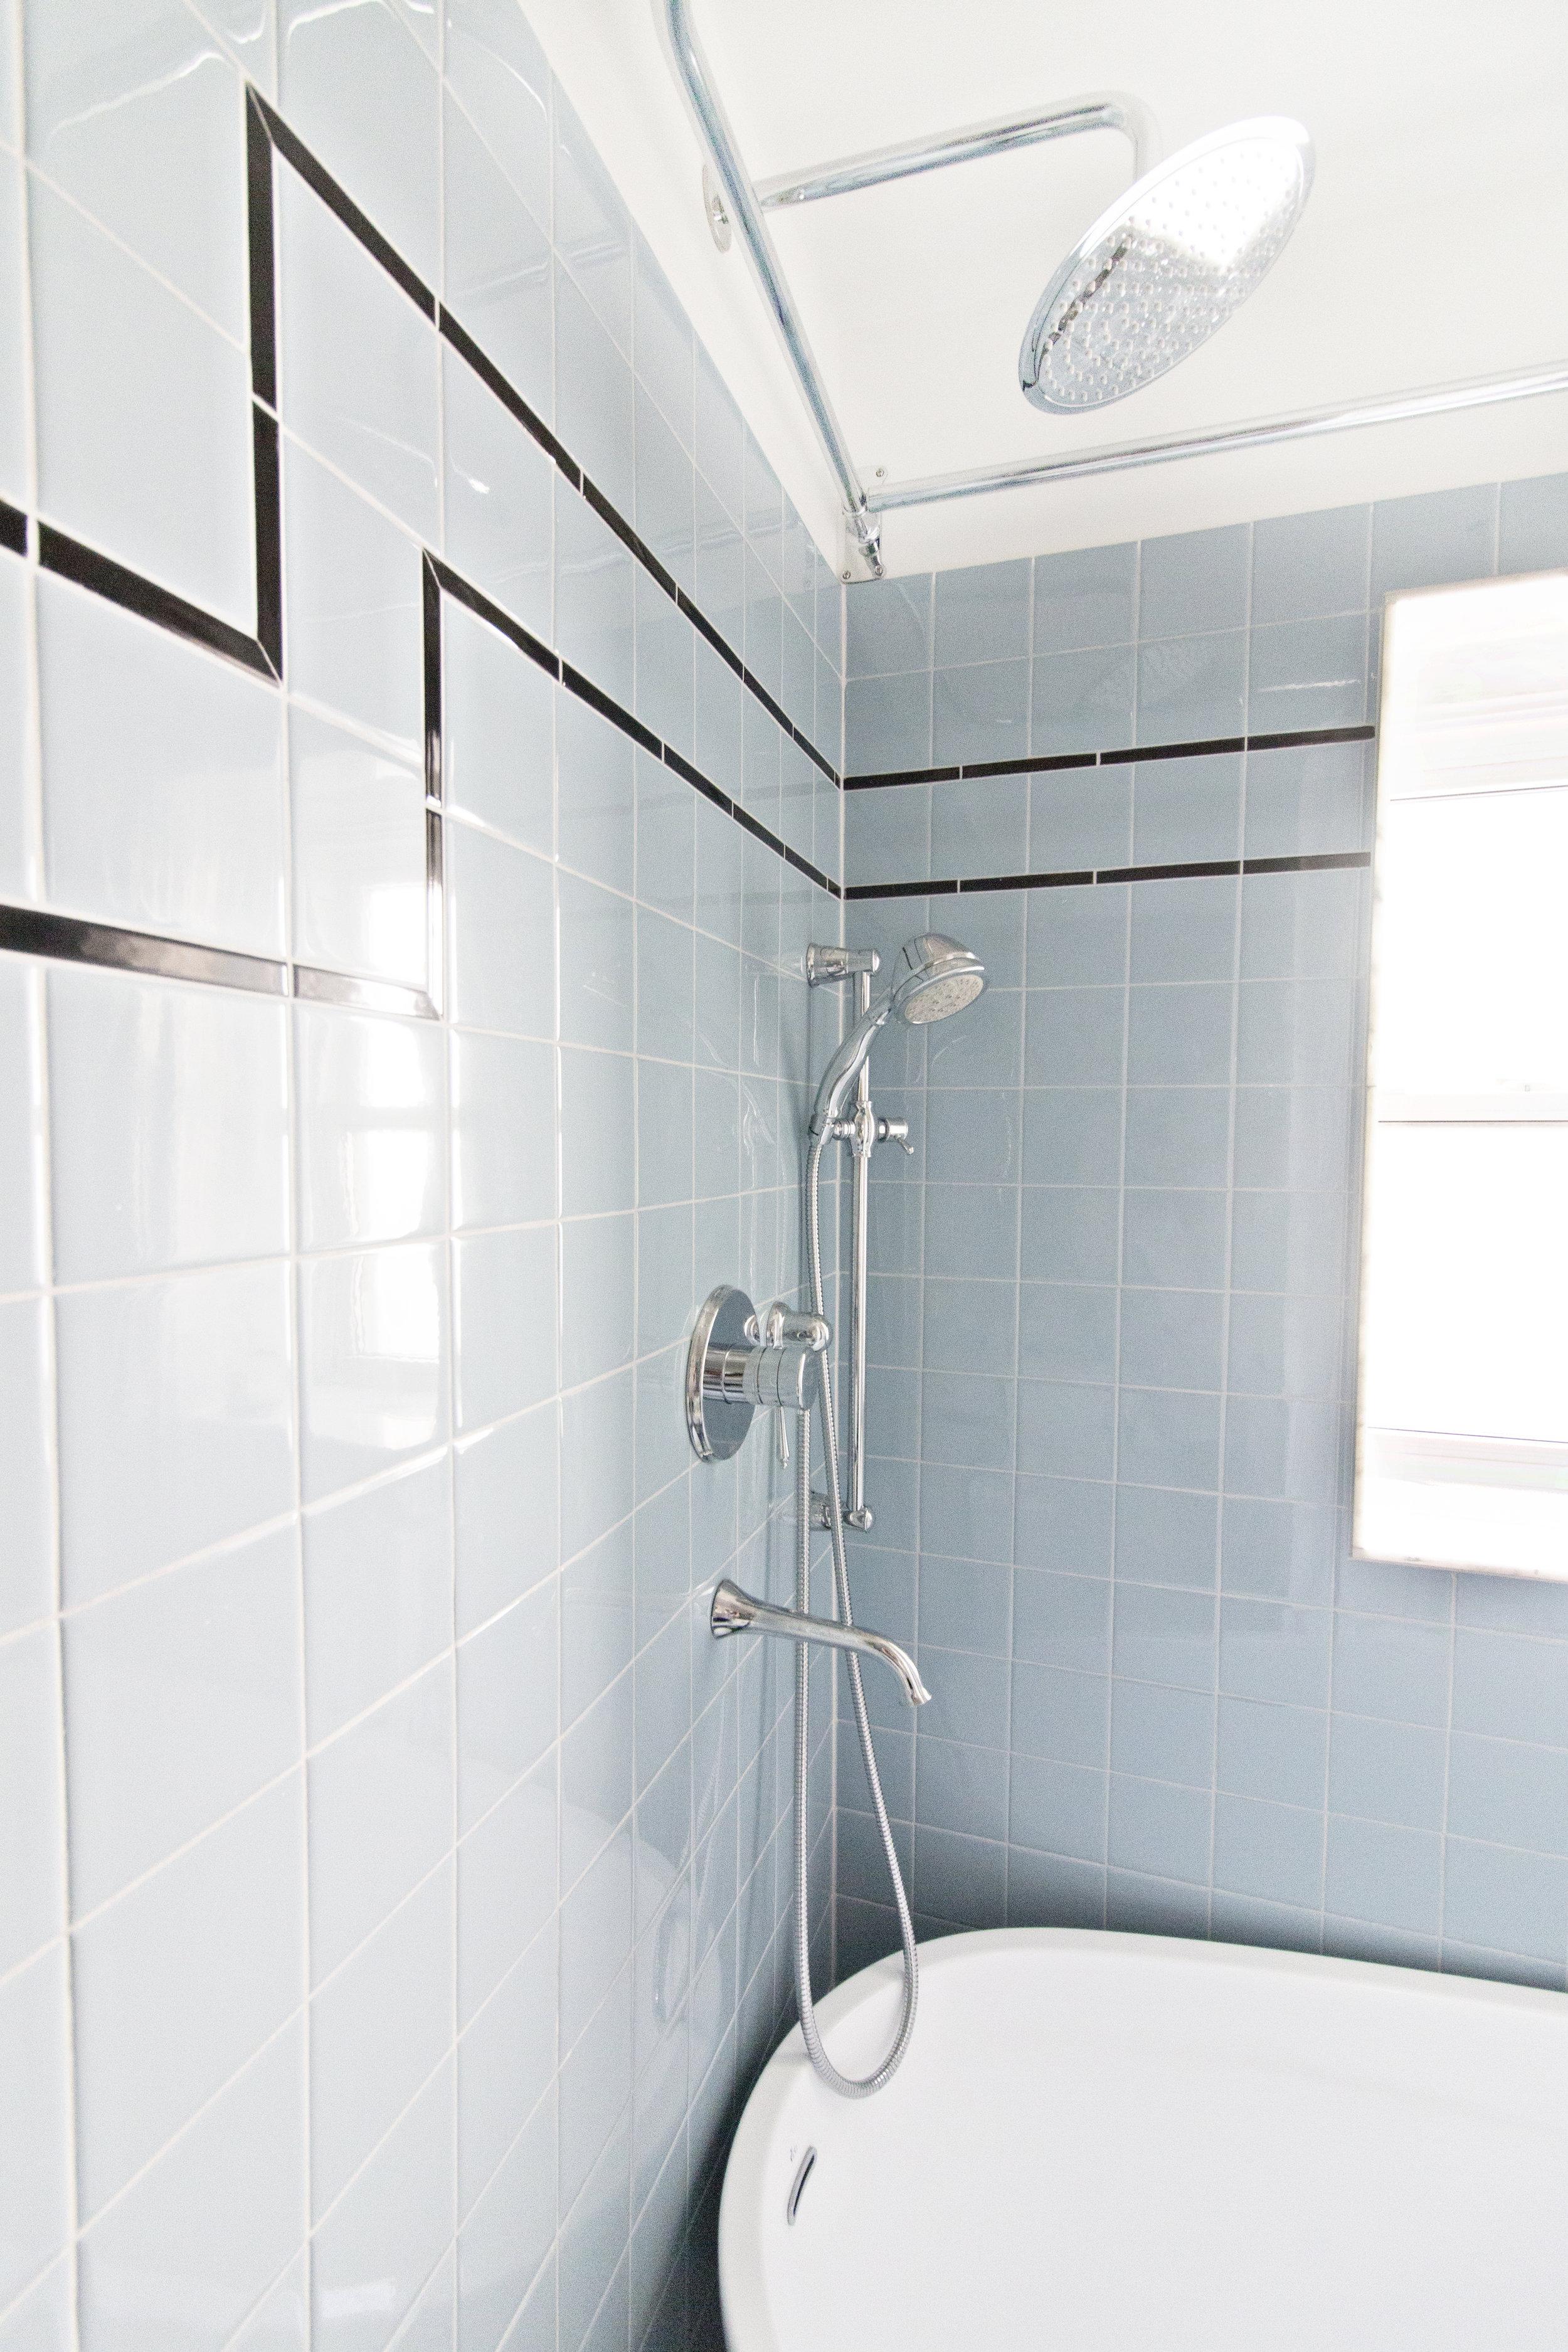 Shower Head Elsie and Kel.jpg